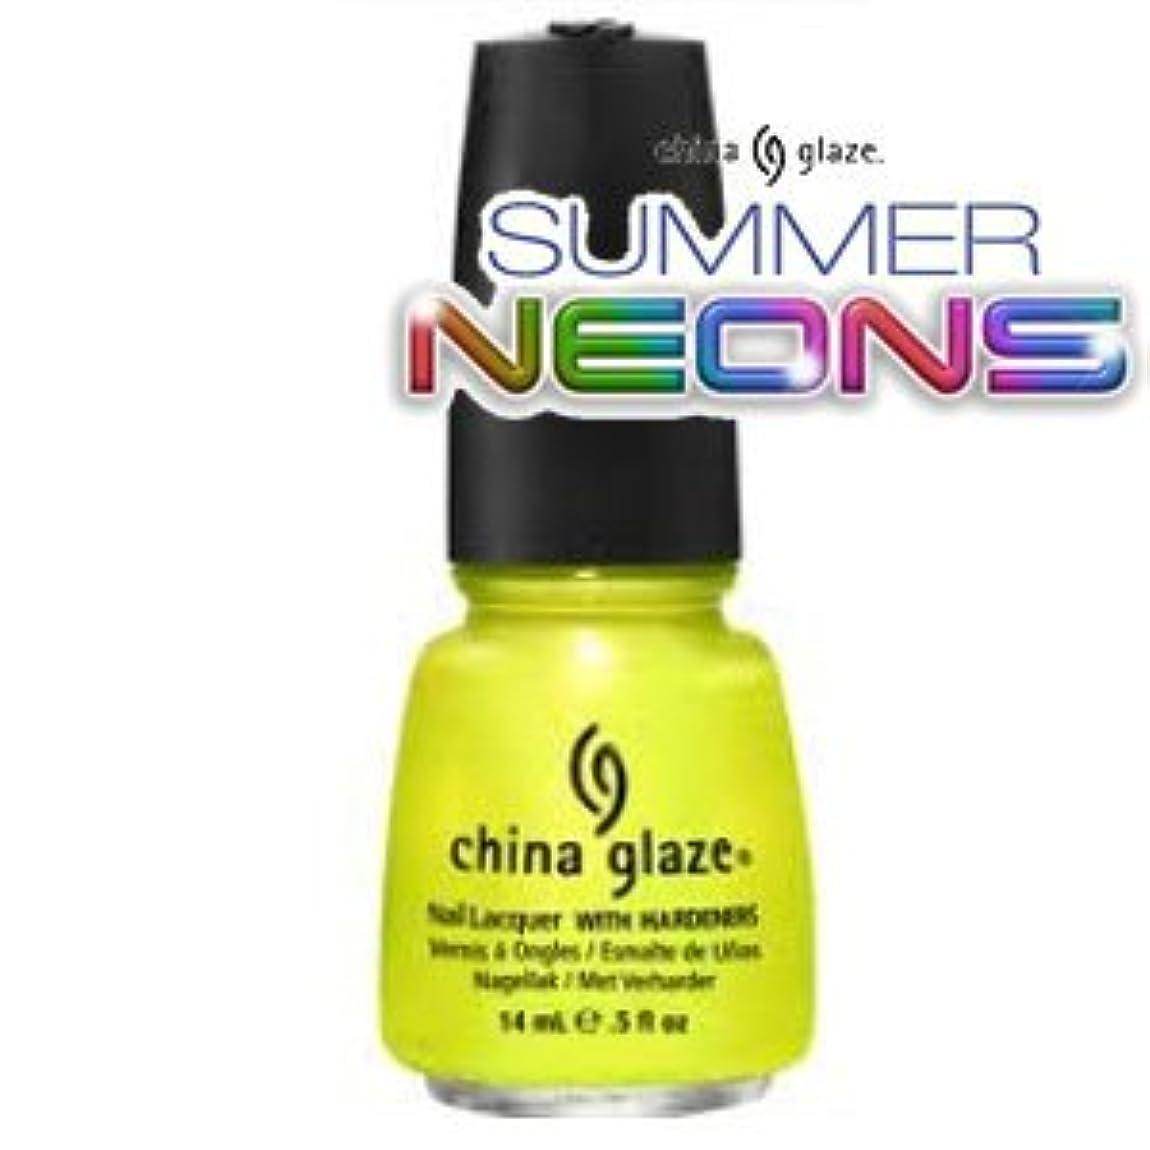 アフリカ人キャッチムスタチオ(チャイナグレイズ)China Glaze Sun Kissedーサマーネオン コレクション [海外直送品][並行輸入品]